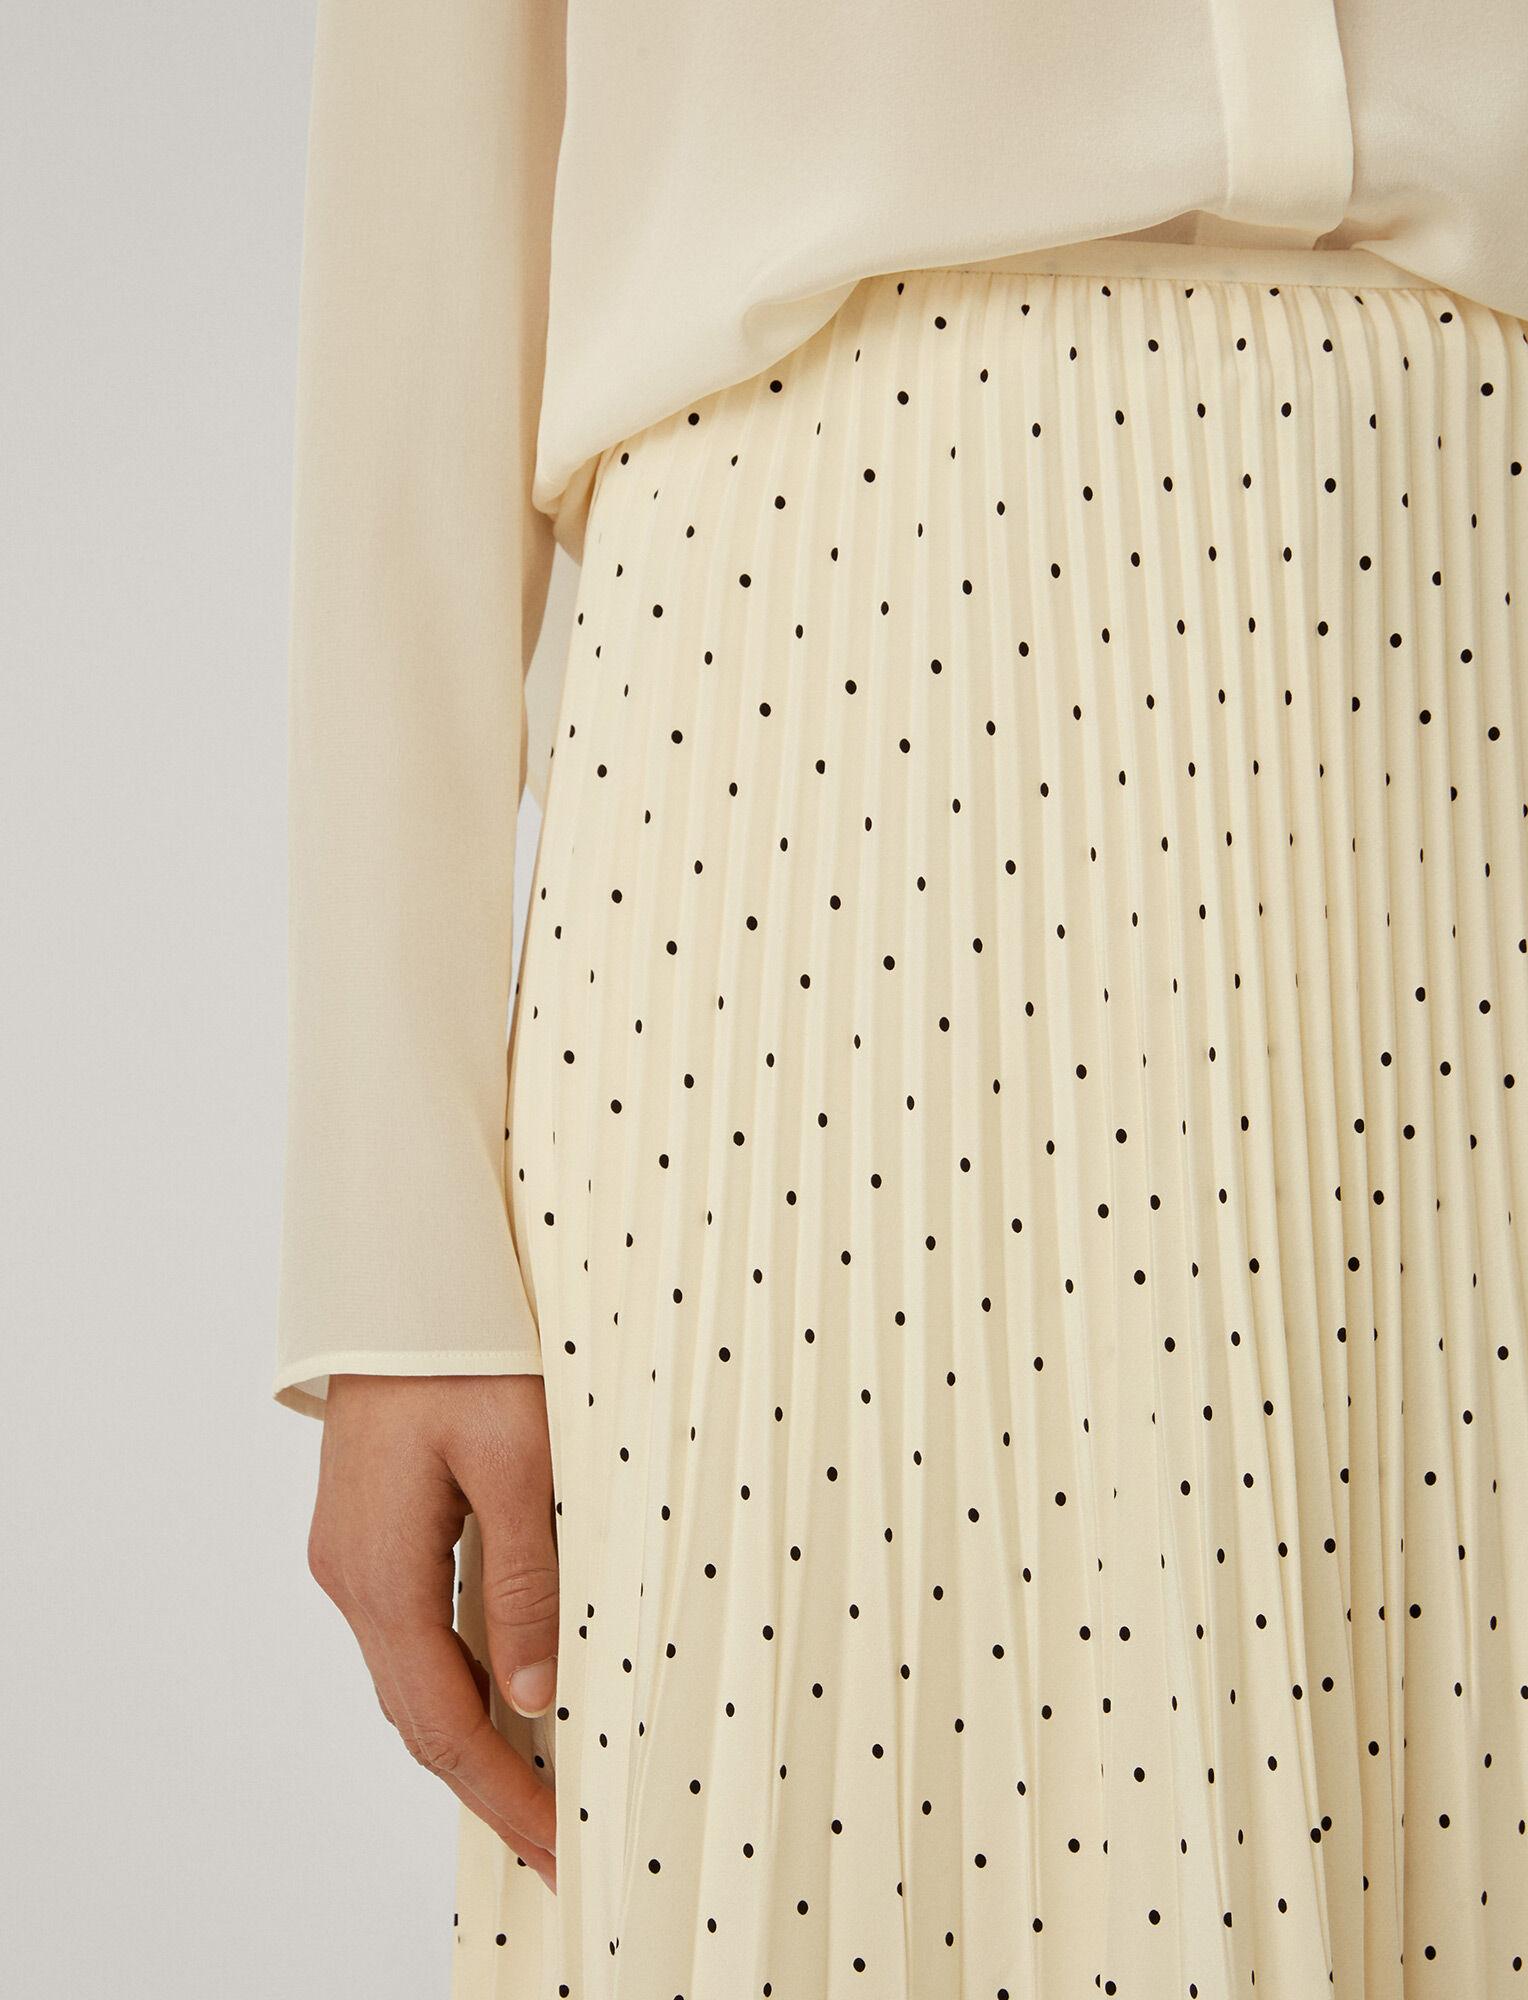 Joseph, Silk Polkadot Sorence Skirt, in IVORY/BLACK